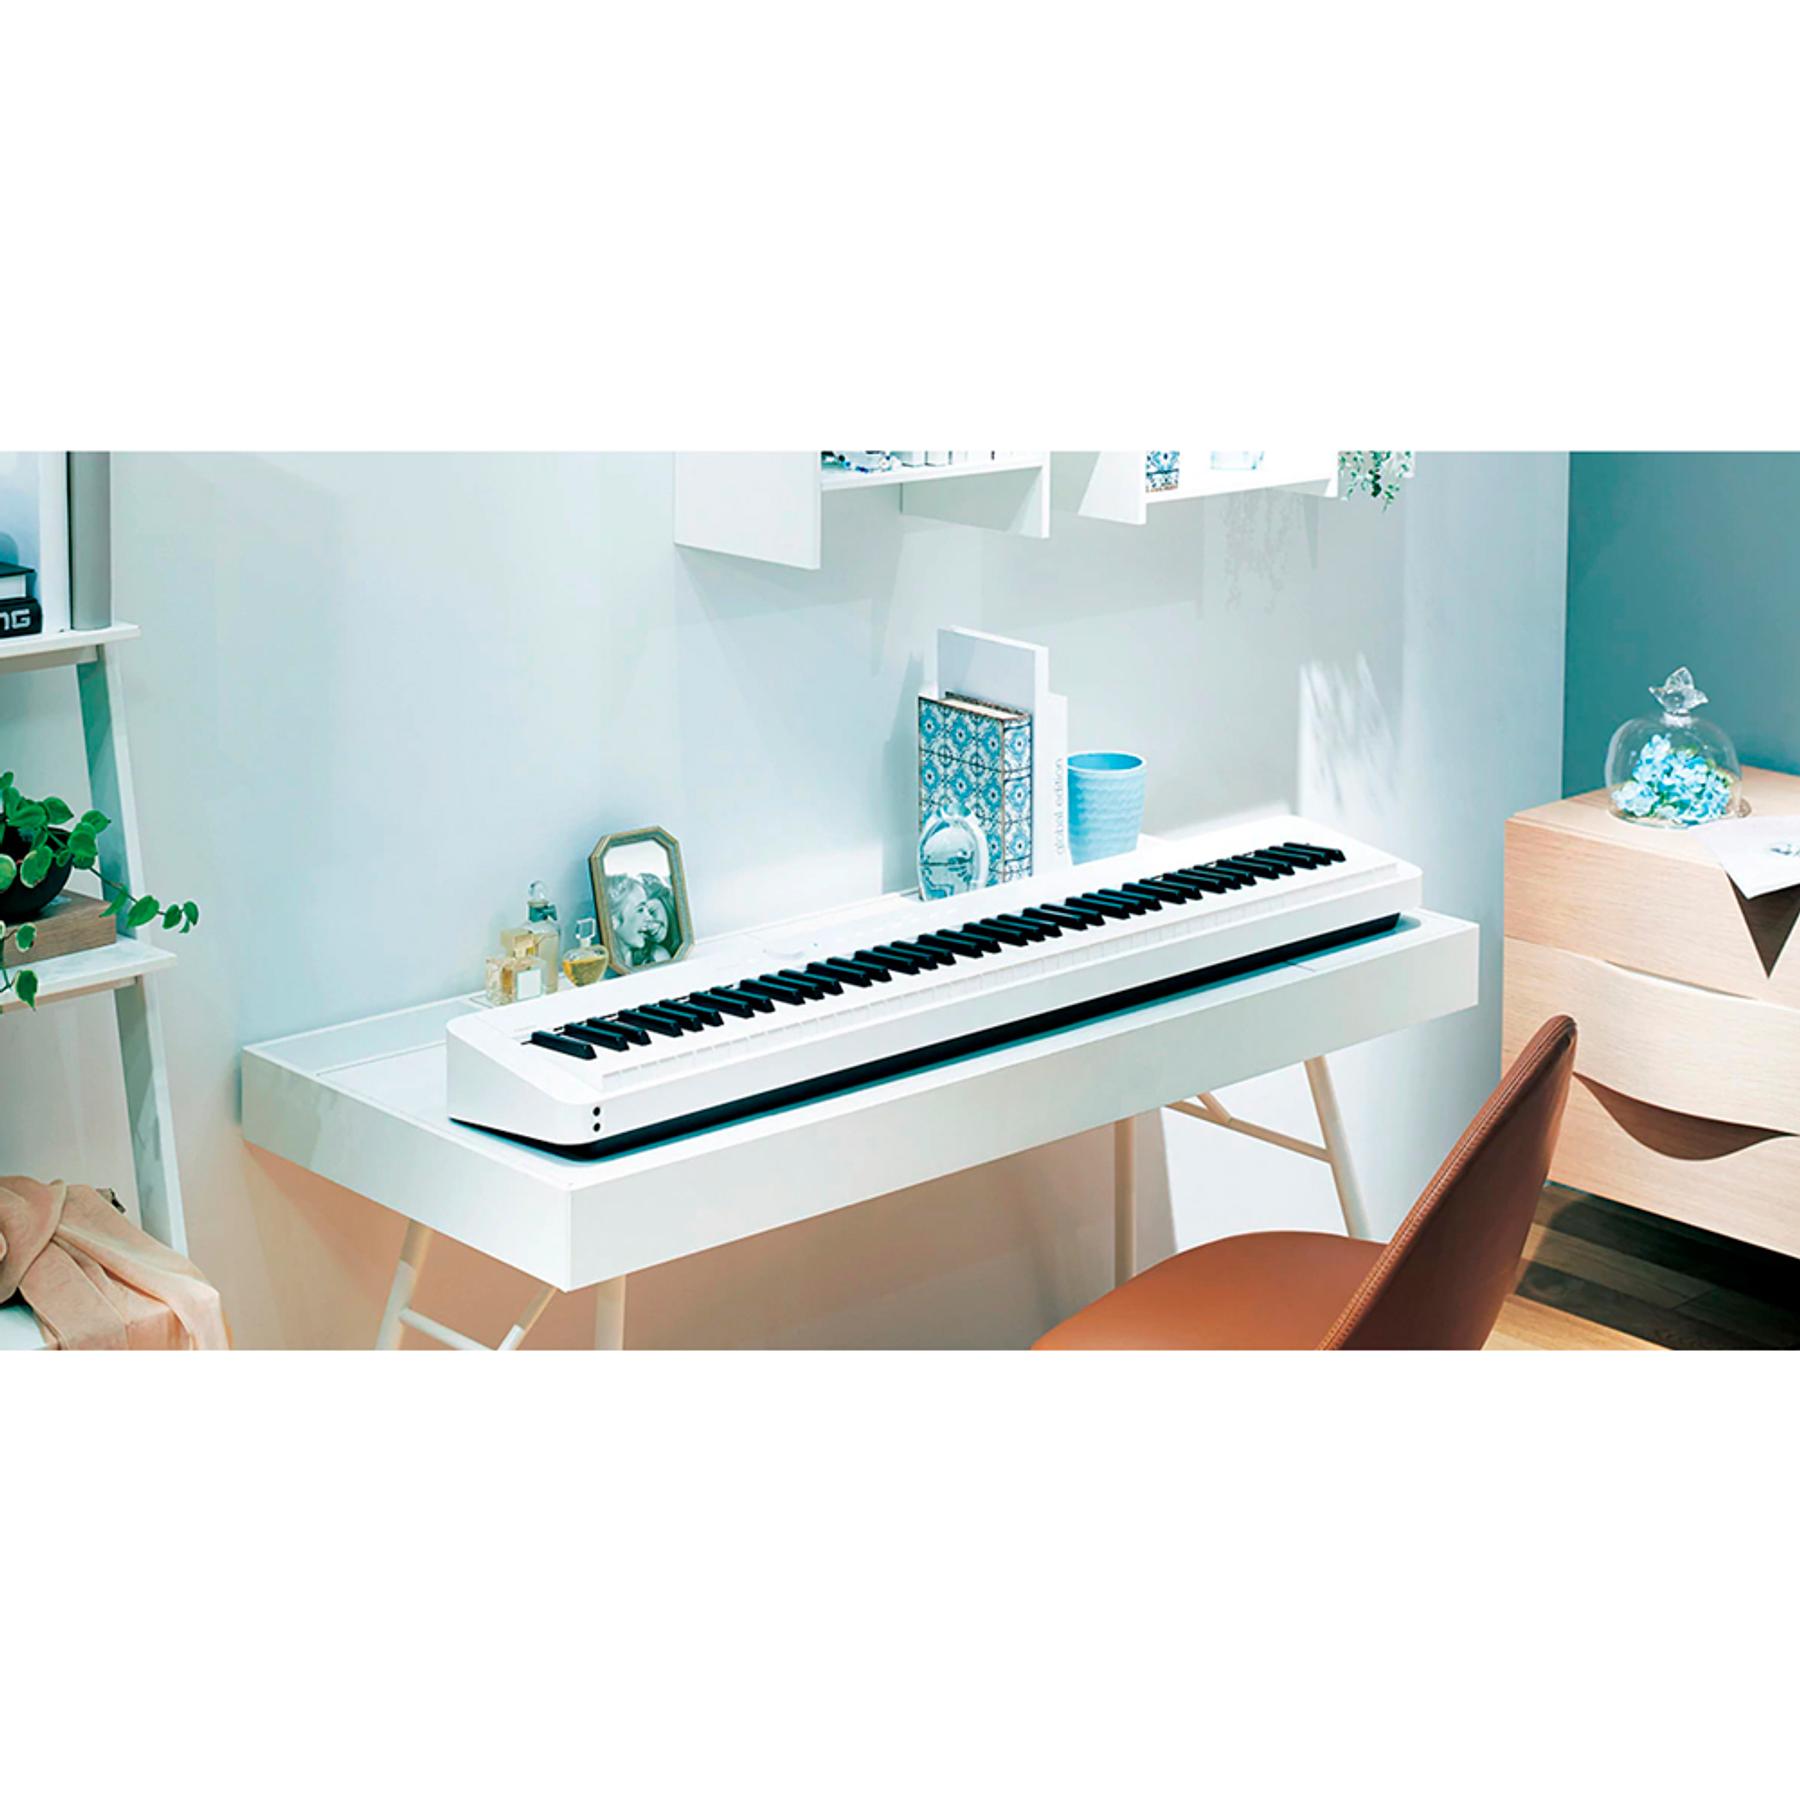 Piano Digital Casio Privia PX-S1000 Blanco,  88 teclas